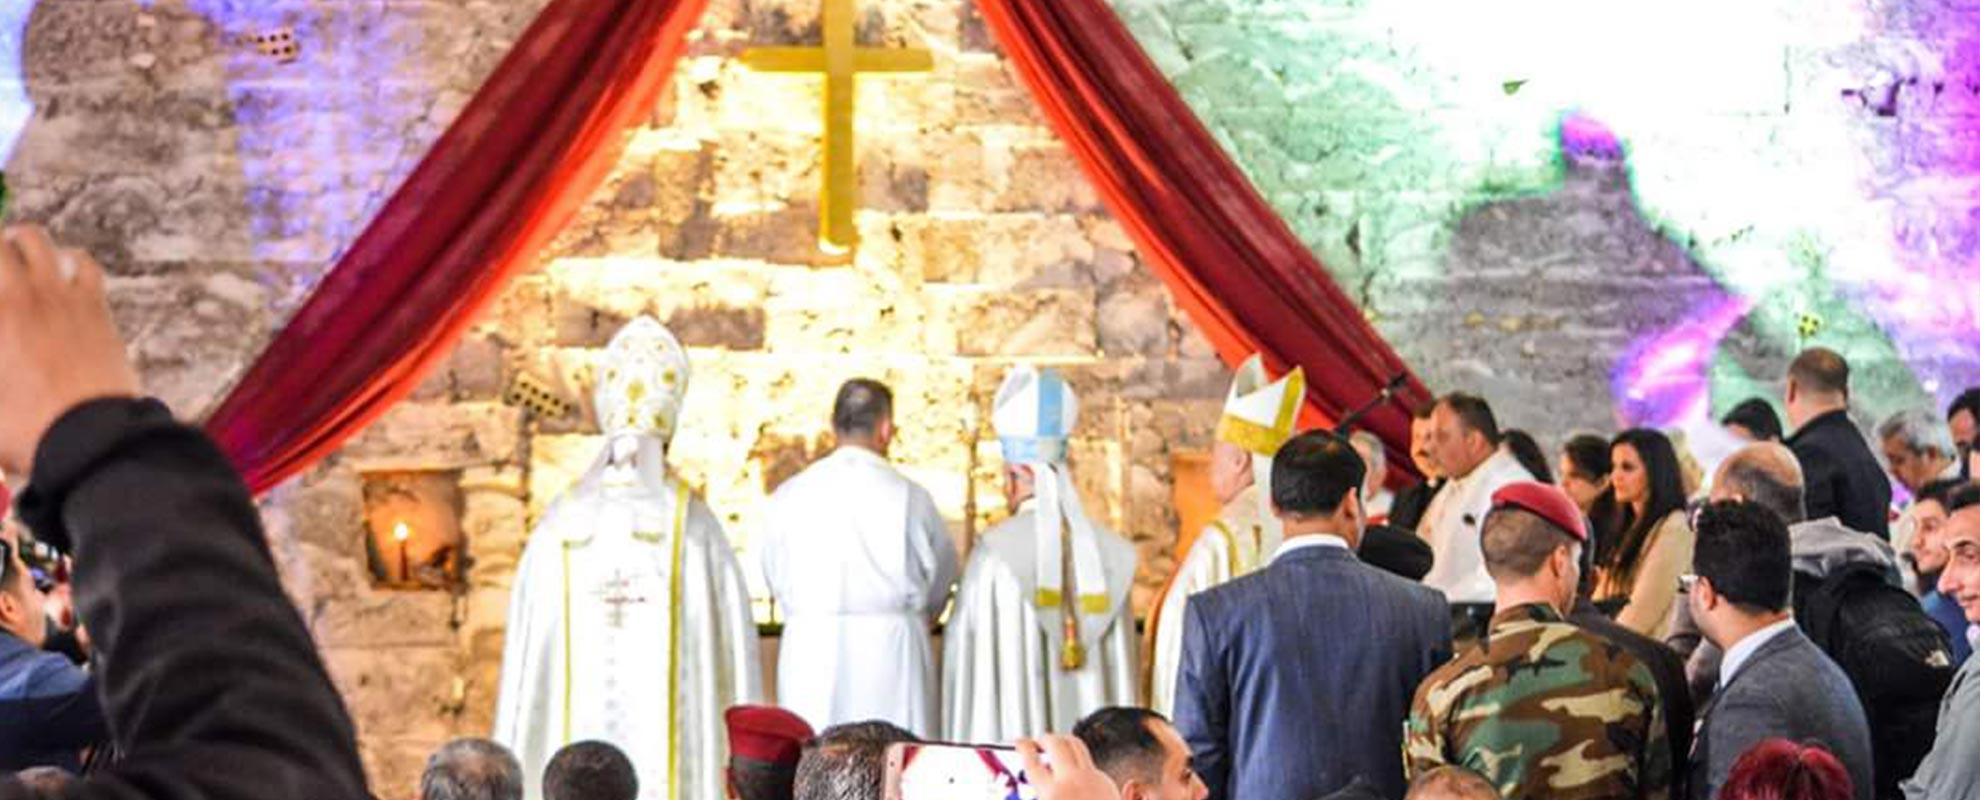 Un gesto de reconciliación de jóvenes musulmanes con cristianos del norte de Irak